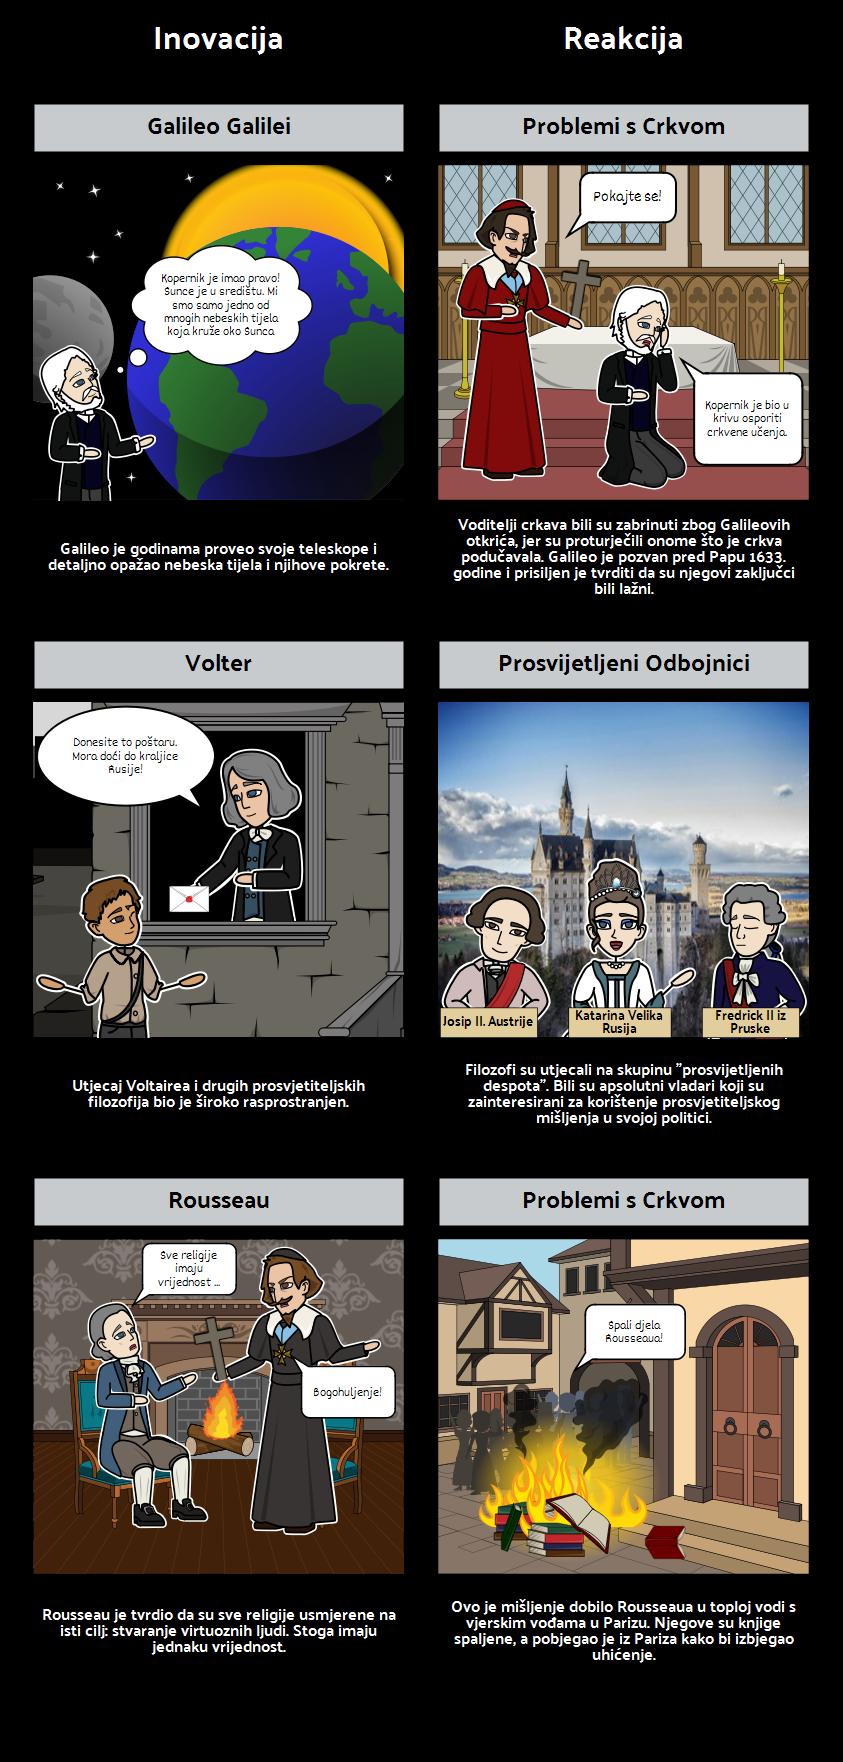 Znanstvena Revolucija i Prosvjetiteljstvo: Reakcije